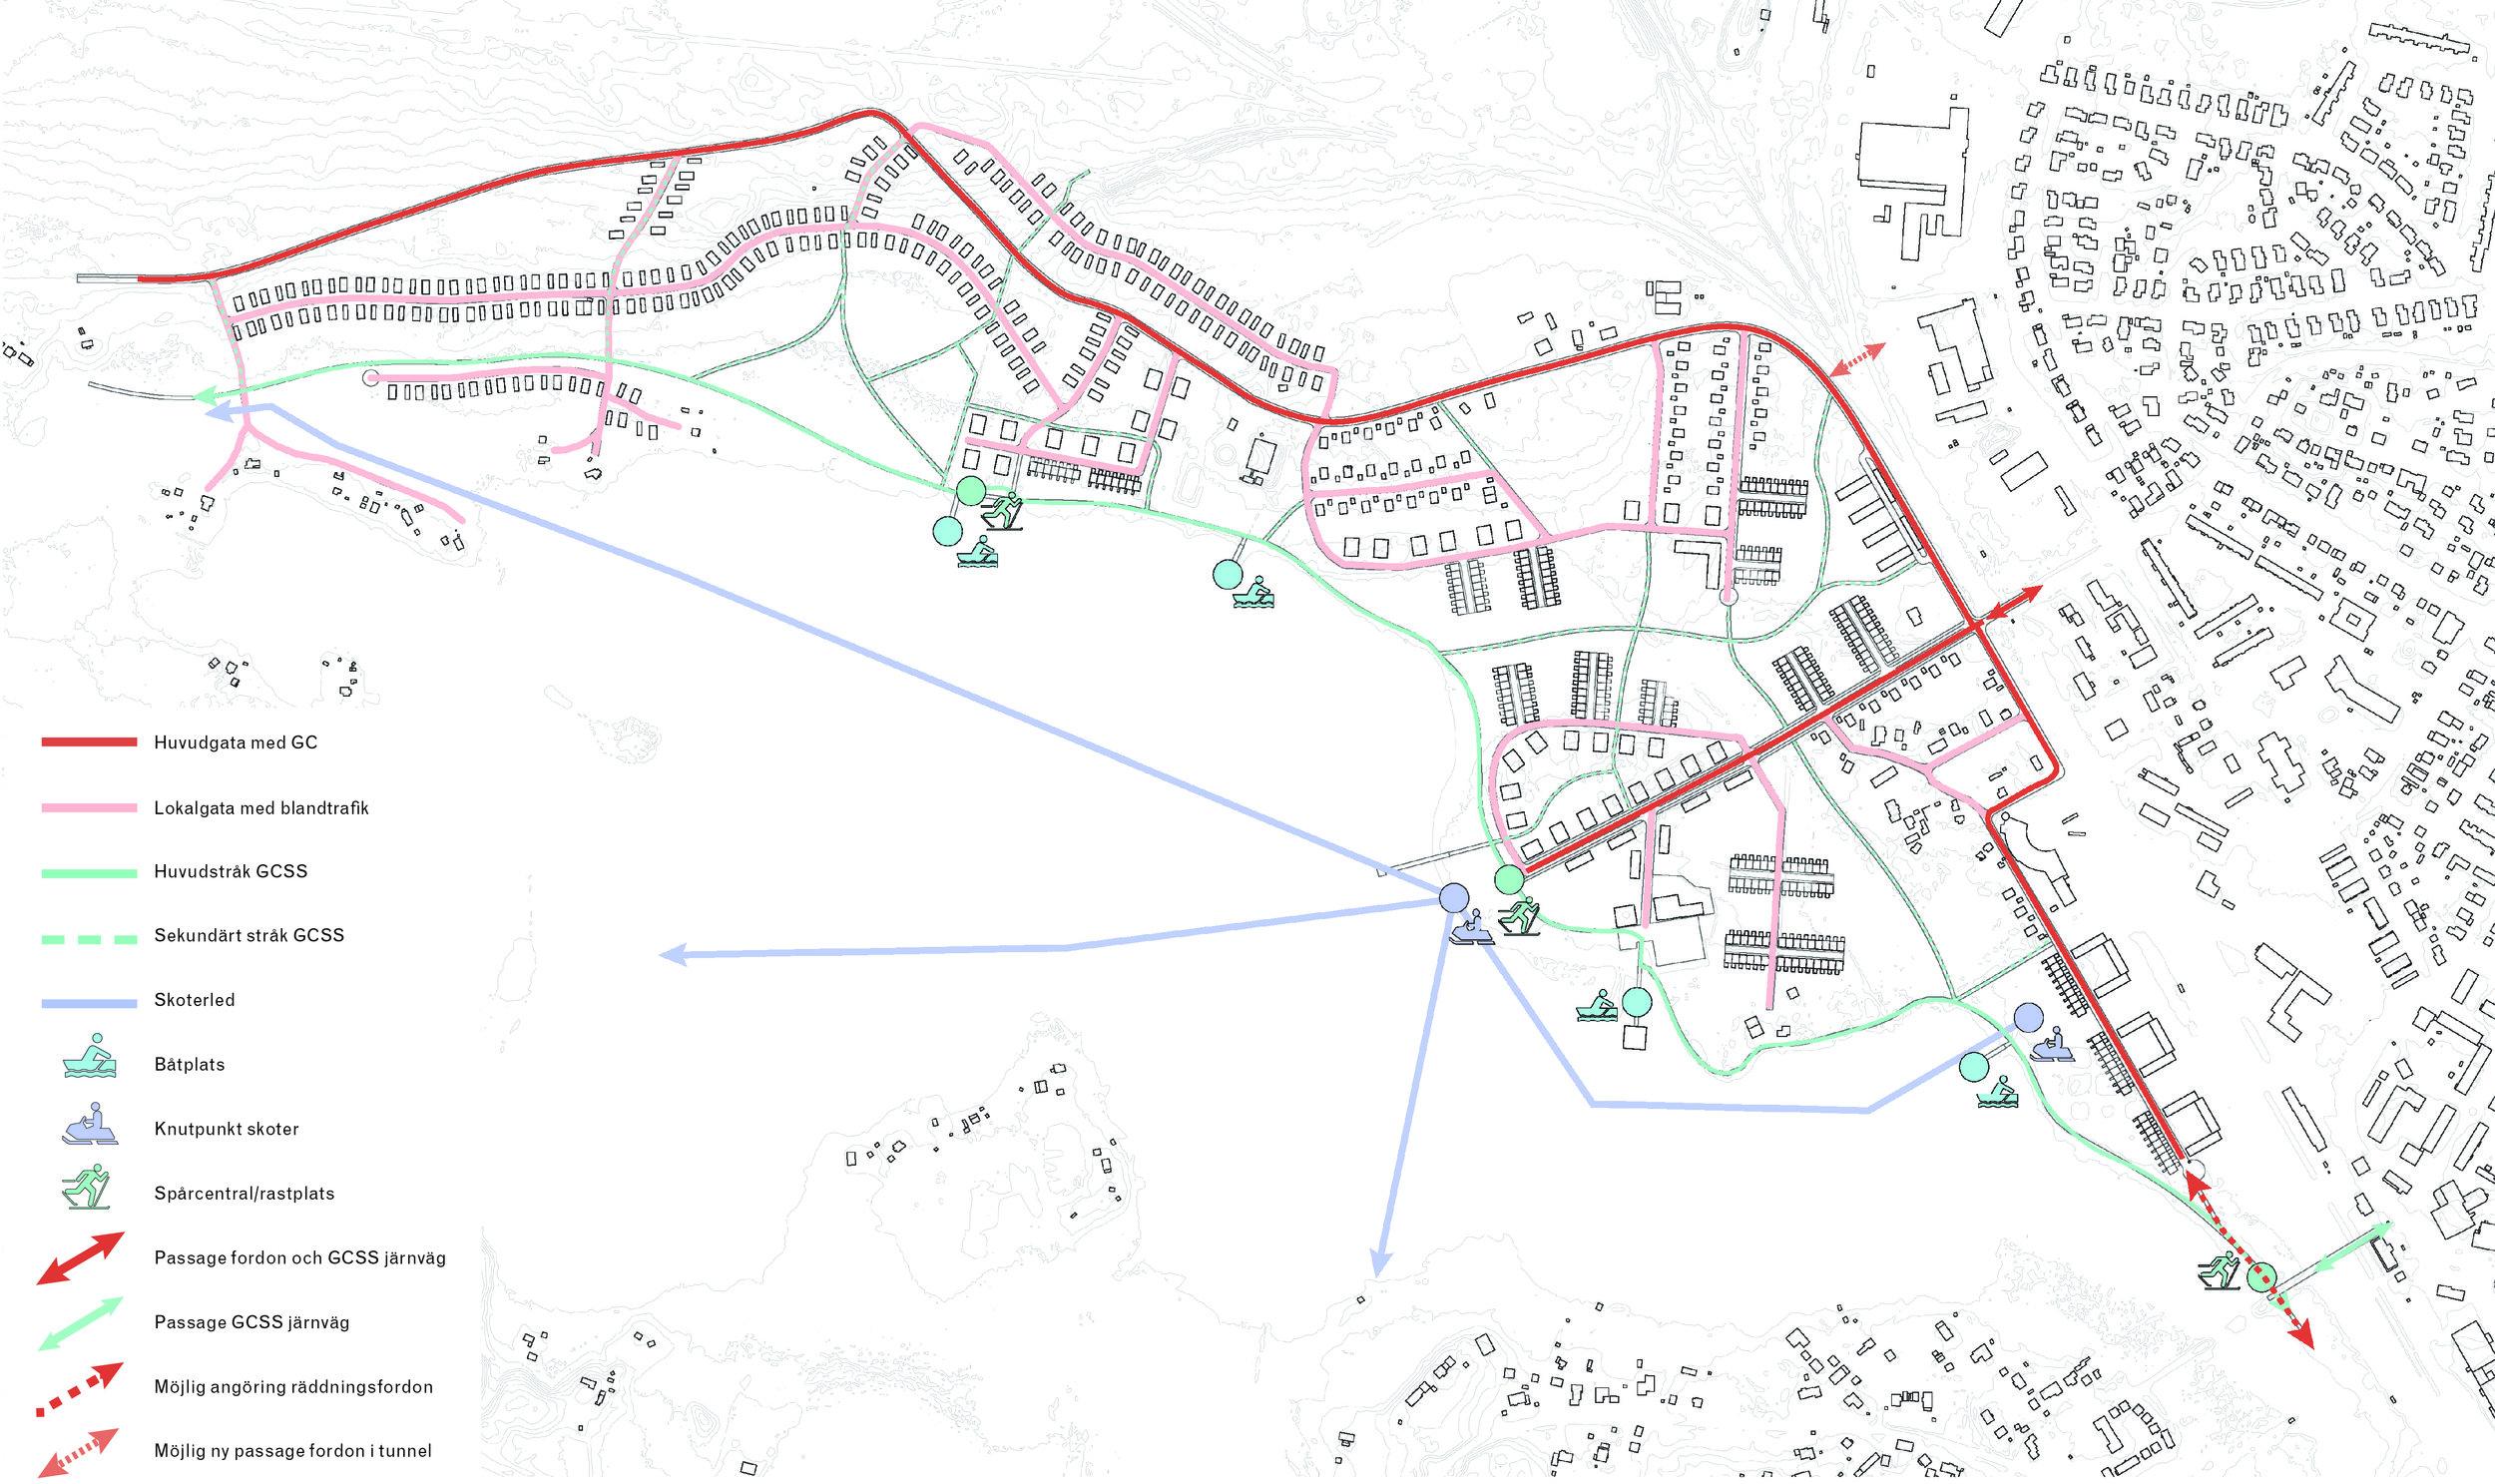 Planen tar även hänsyn till mjuka transportslag, så som spark, skidor, skoter och båt i enlighet med Grön-blå och vitstrukturplanen.